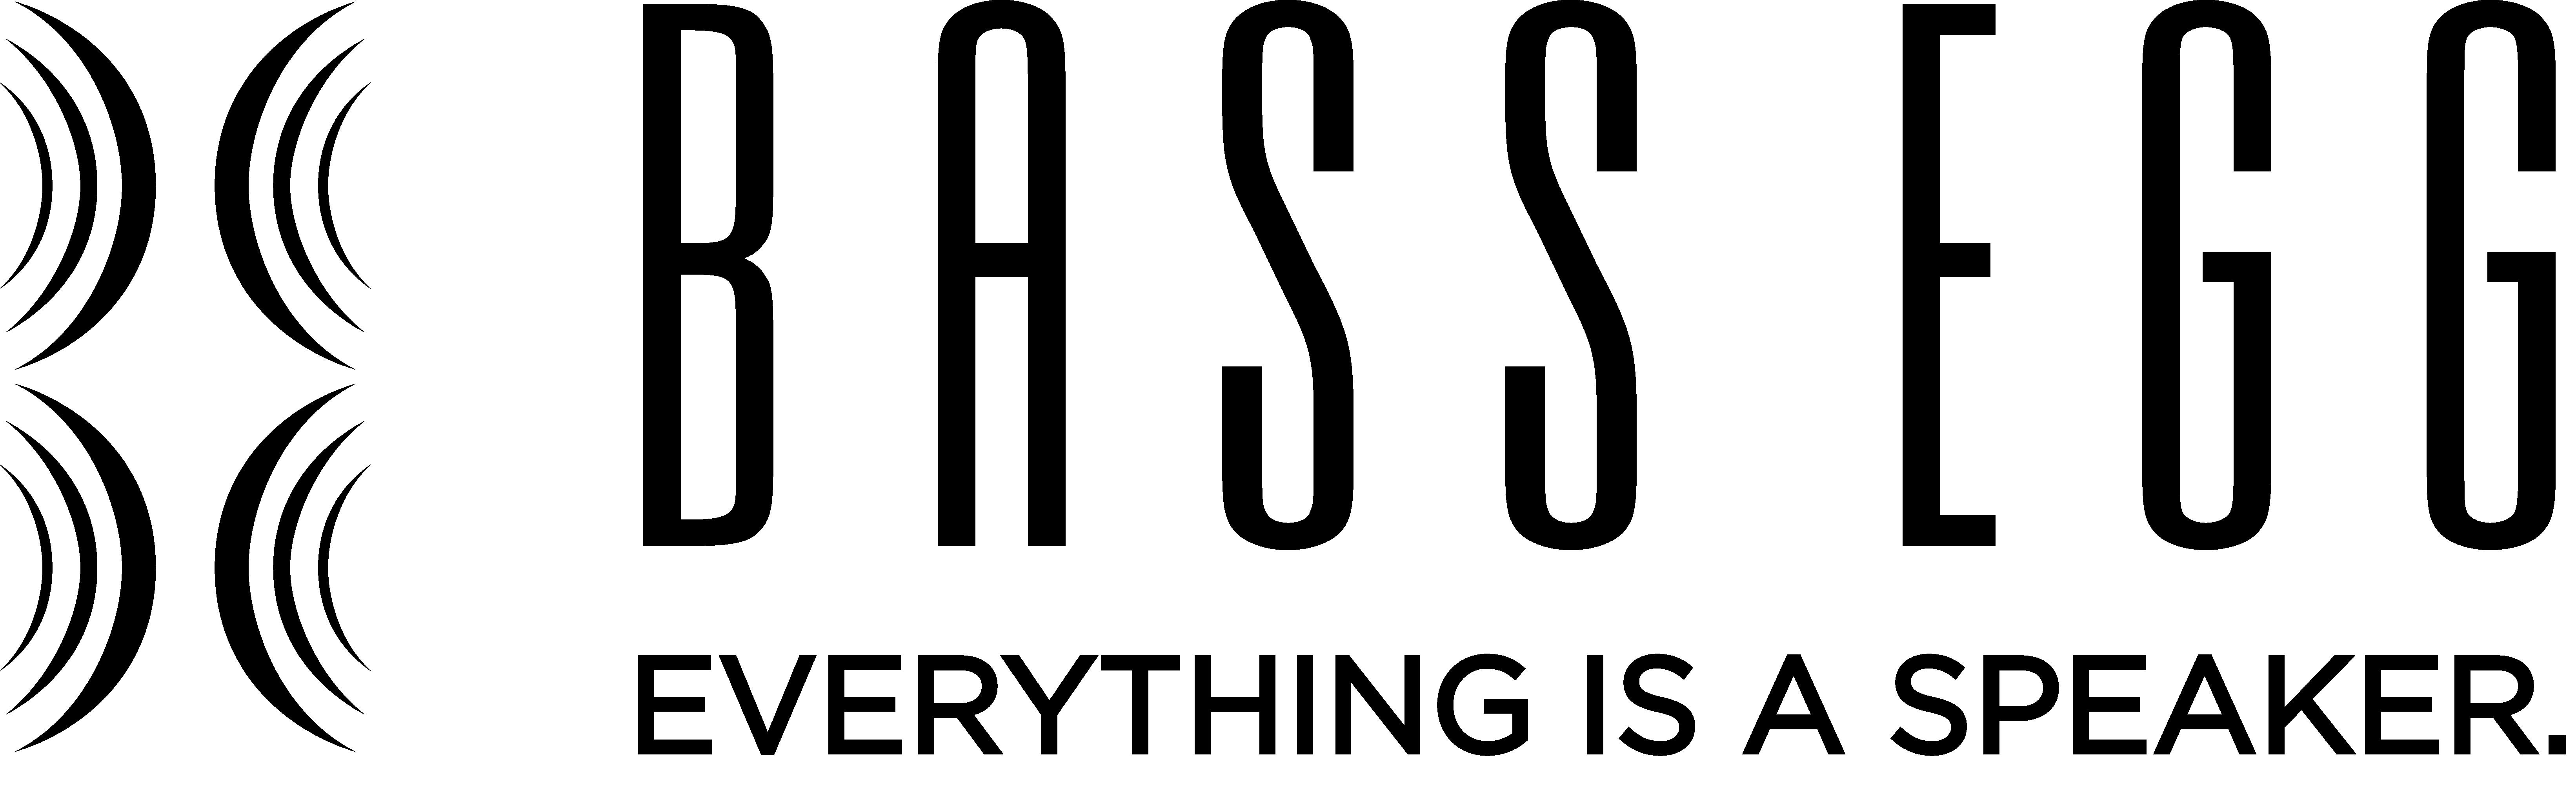 Bassegg-JAPAN オフィシャルショップ